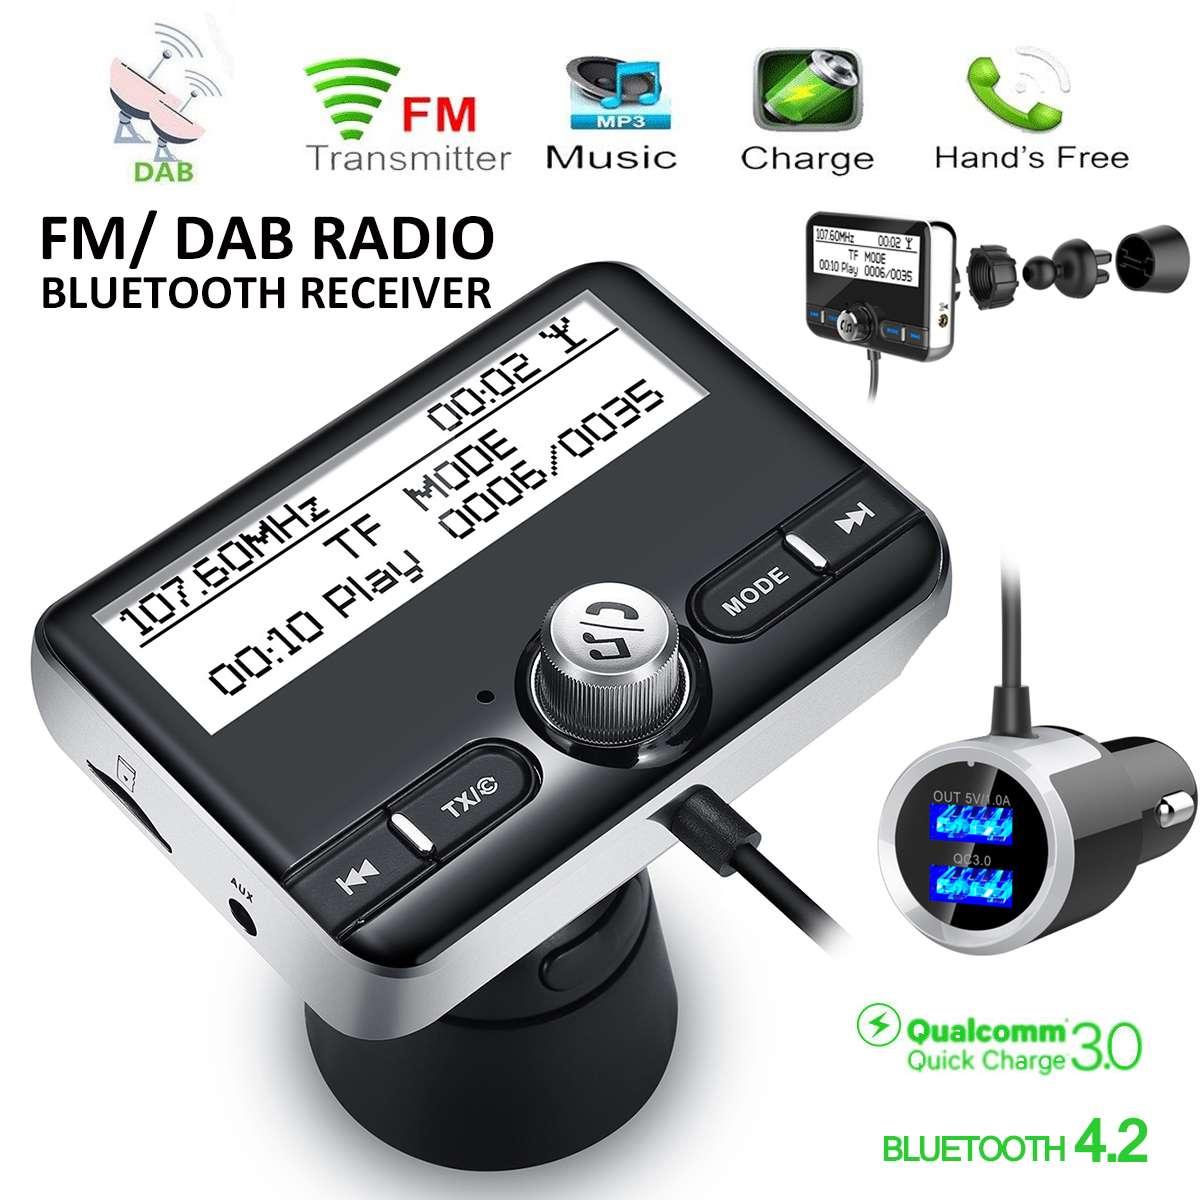 Récepteur Radio dans la voiture DAB Tuner adaptateur USB transmetteur bluetooth FM antenne AUX affichage LCD Radio numérique lecteur de musique Portable